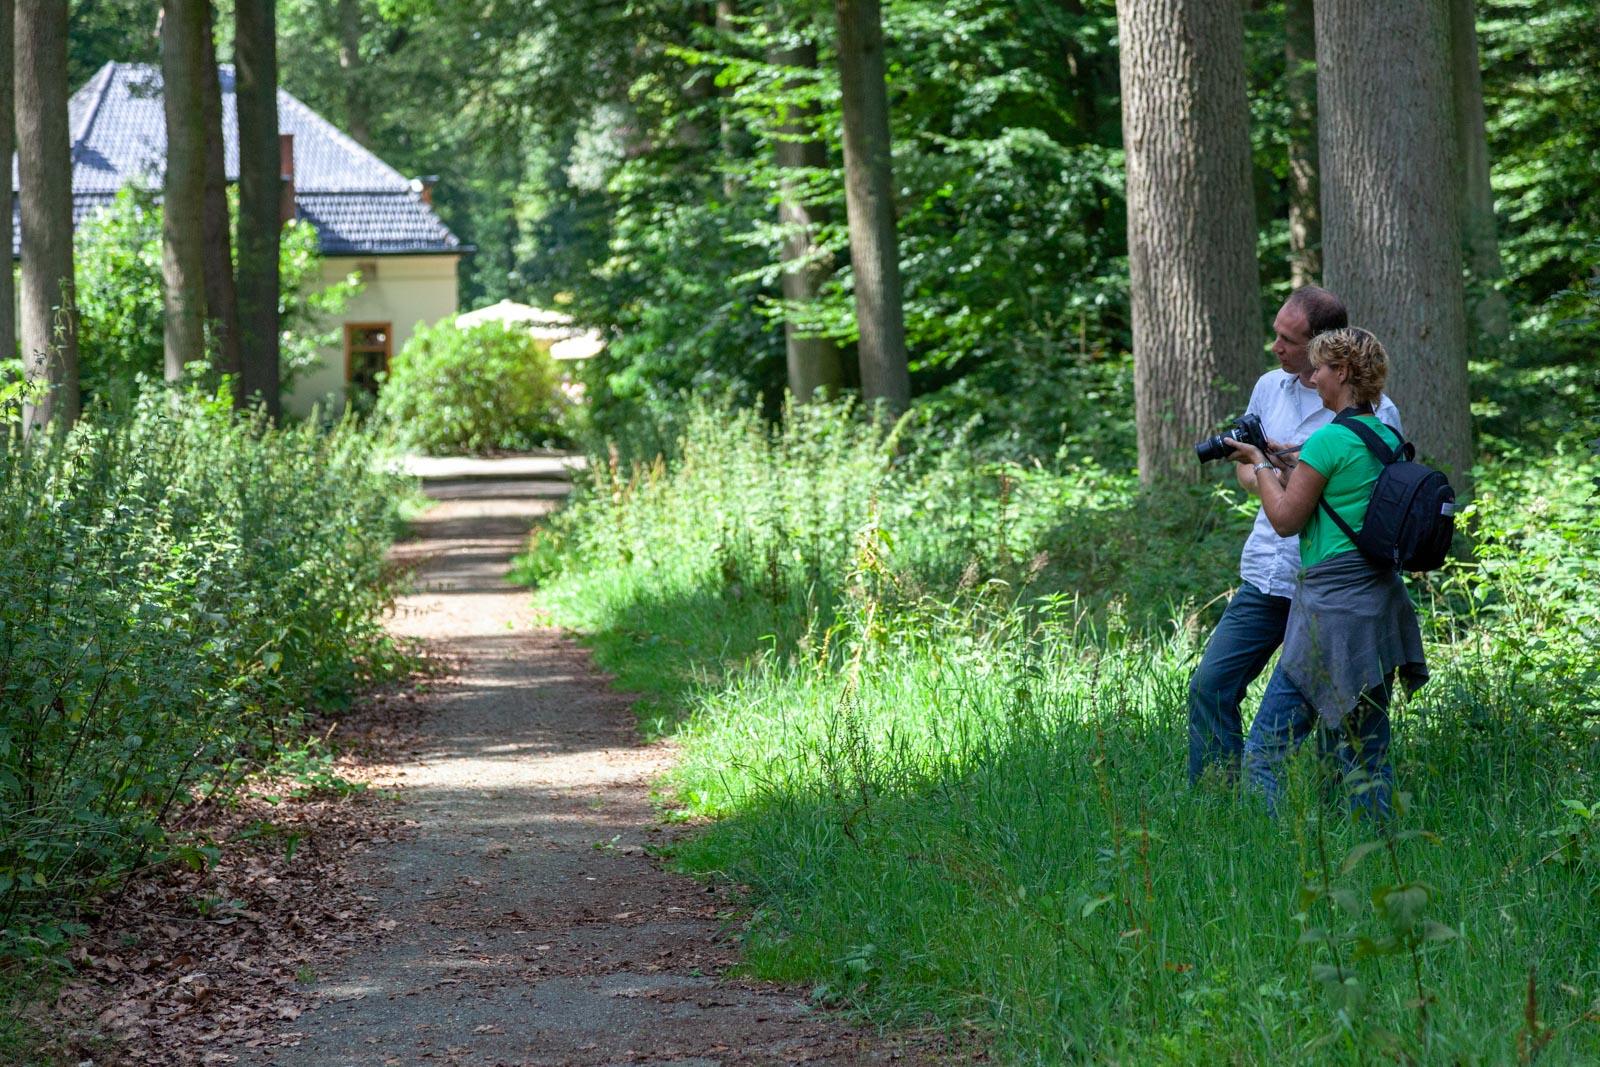 Redmar geeft uitleg aan een cursist van Fotografieles.nl in het Liesbos